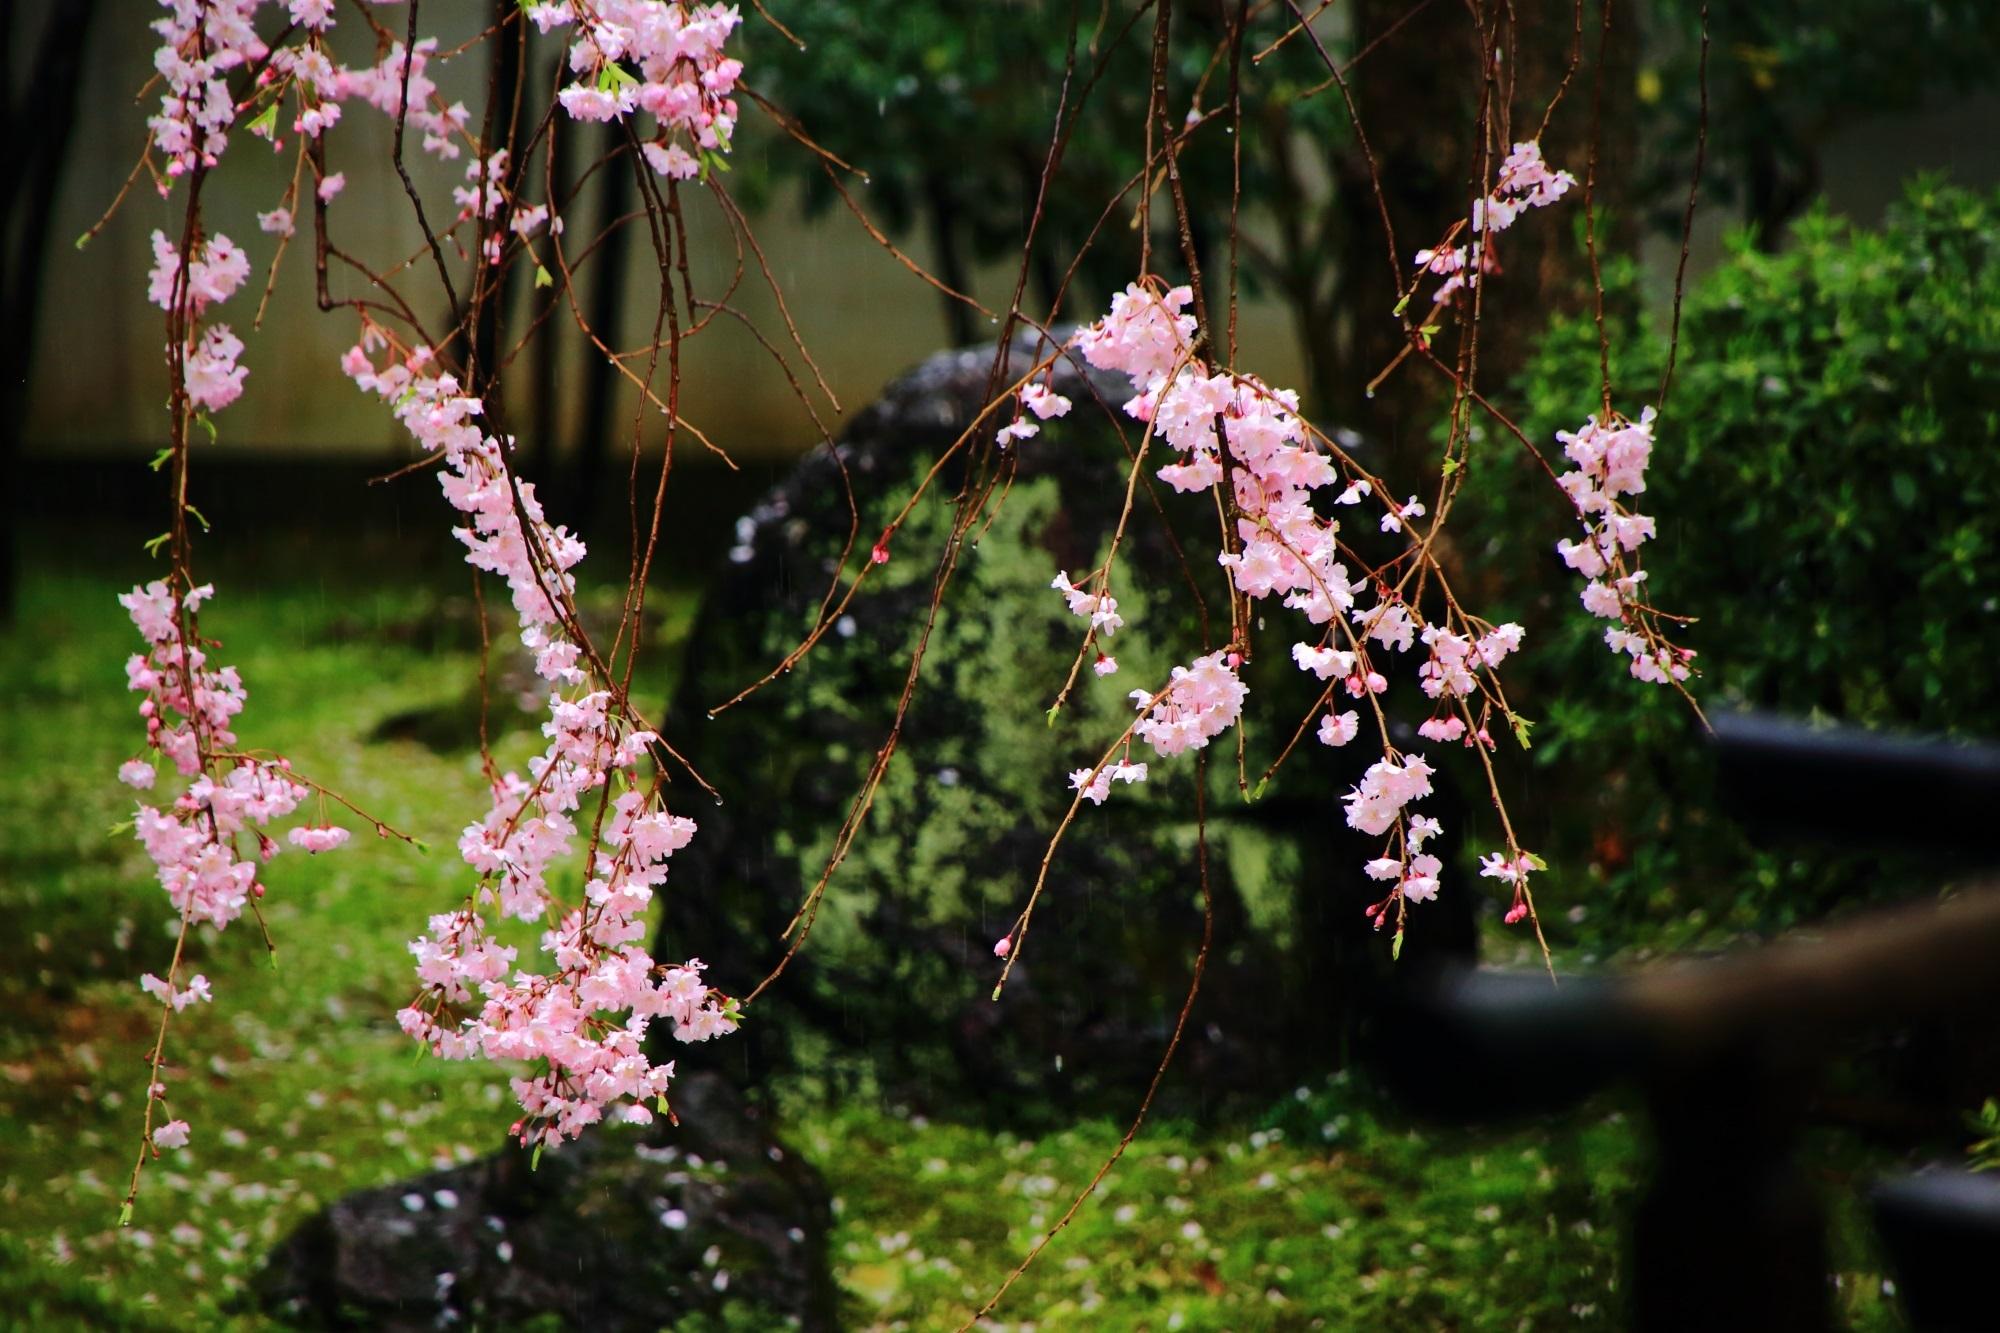 雨に咲く静かな桜 春の建仁寺 正伝永源院